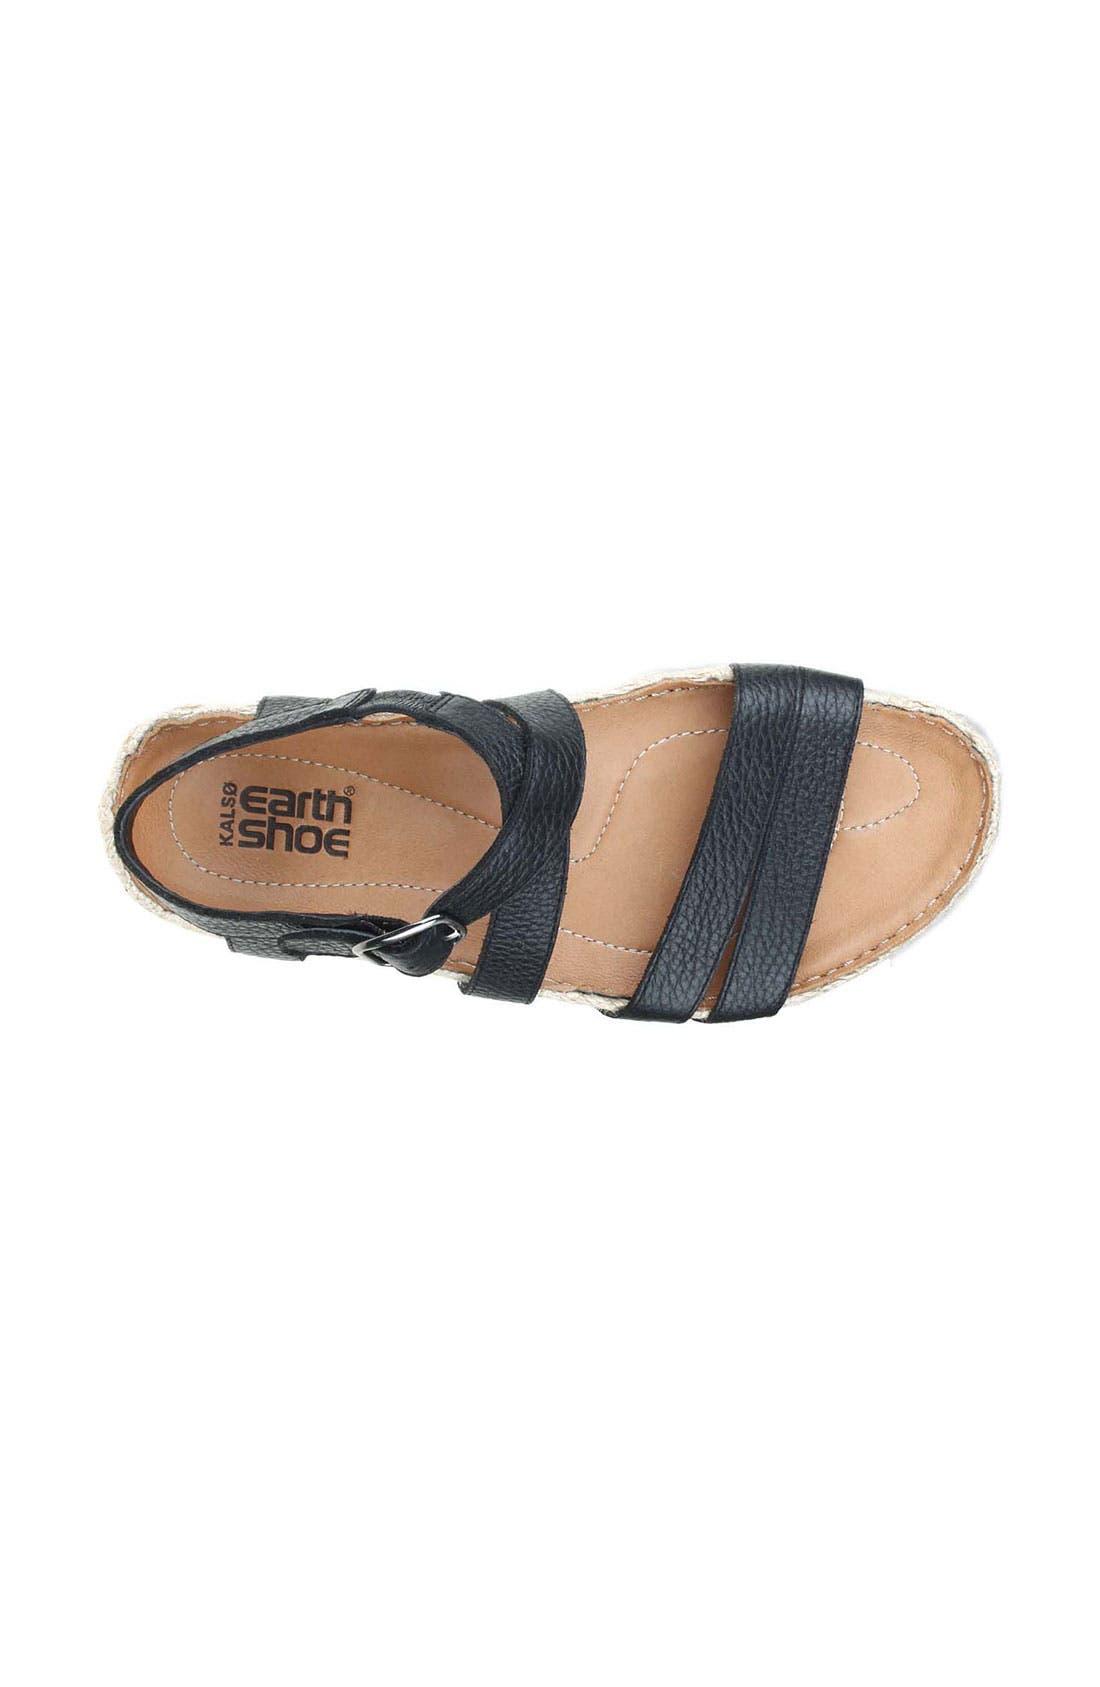 Alternate Image 3  - Kalso Earth® 'Enlighten' Sandal